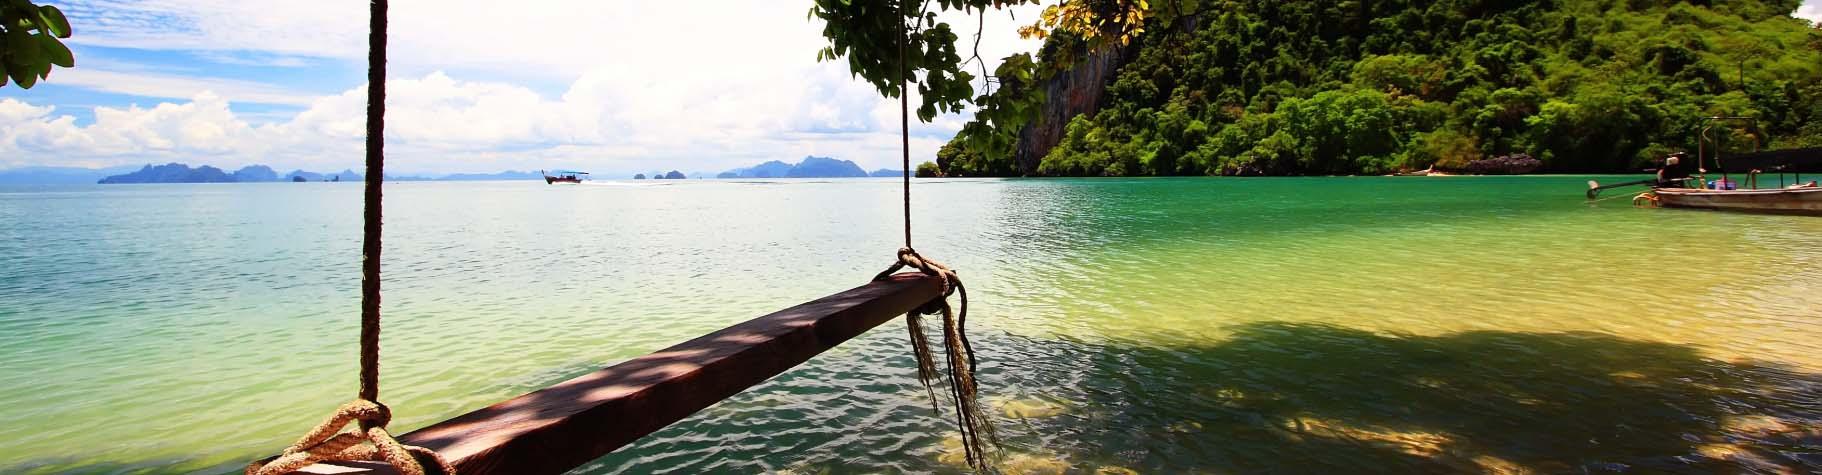 5 onbekende Thaise eilanden